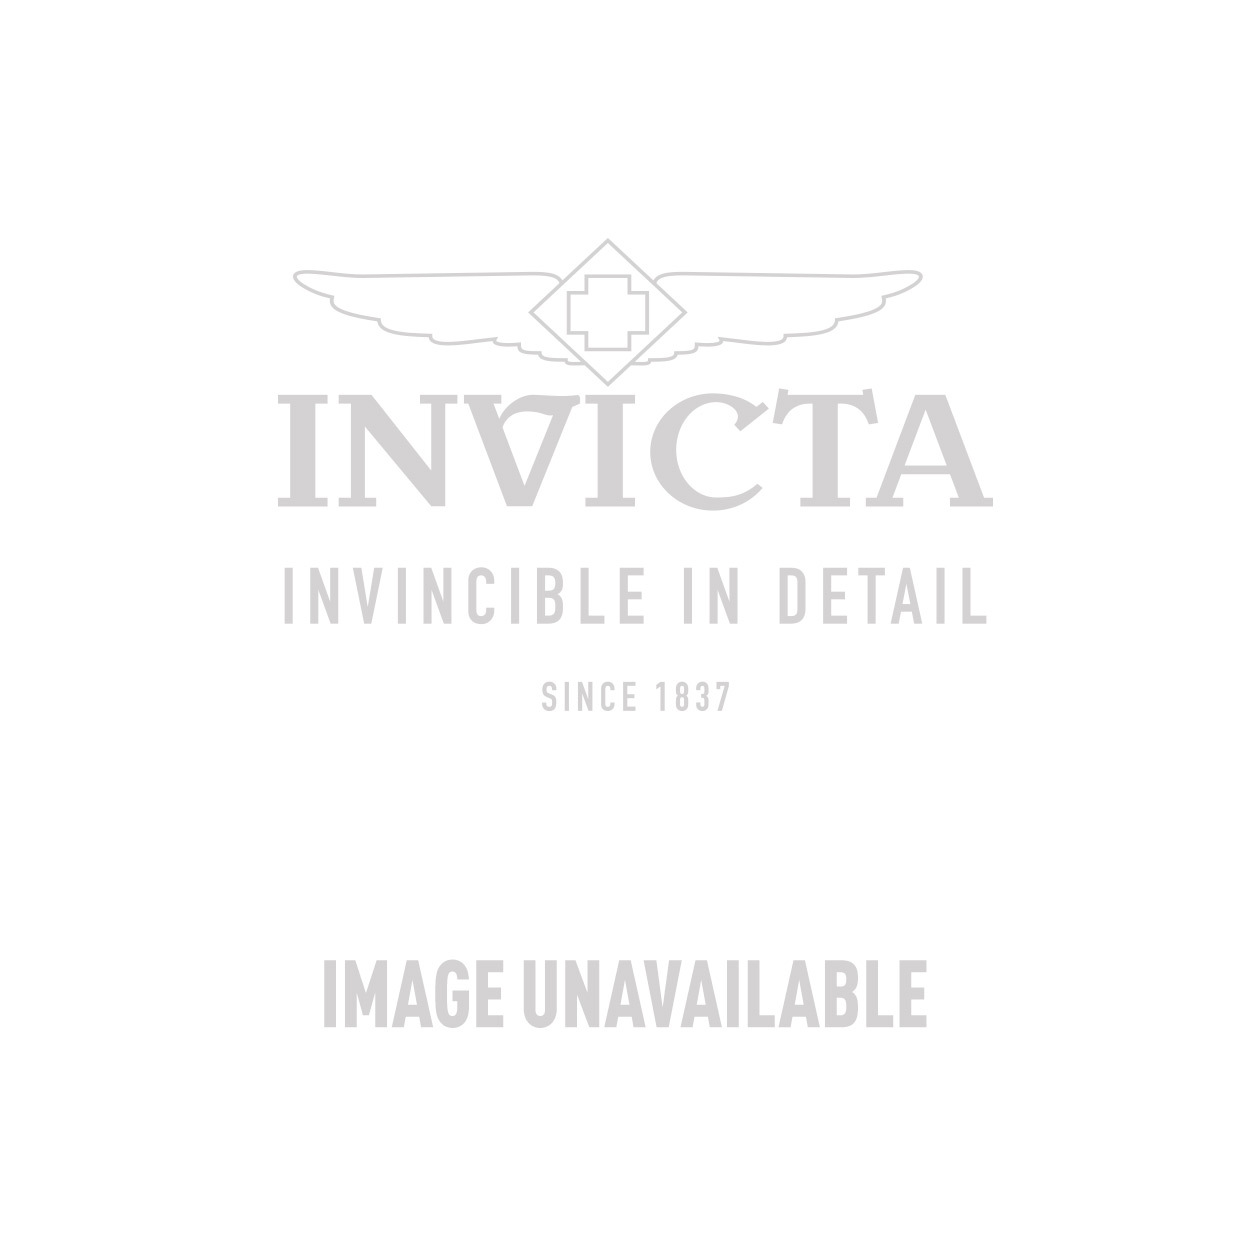 Invicta Model 29835